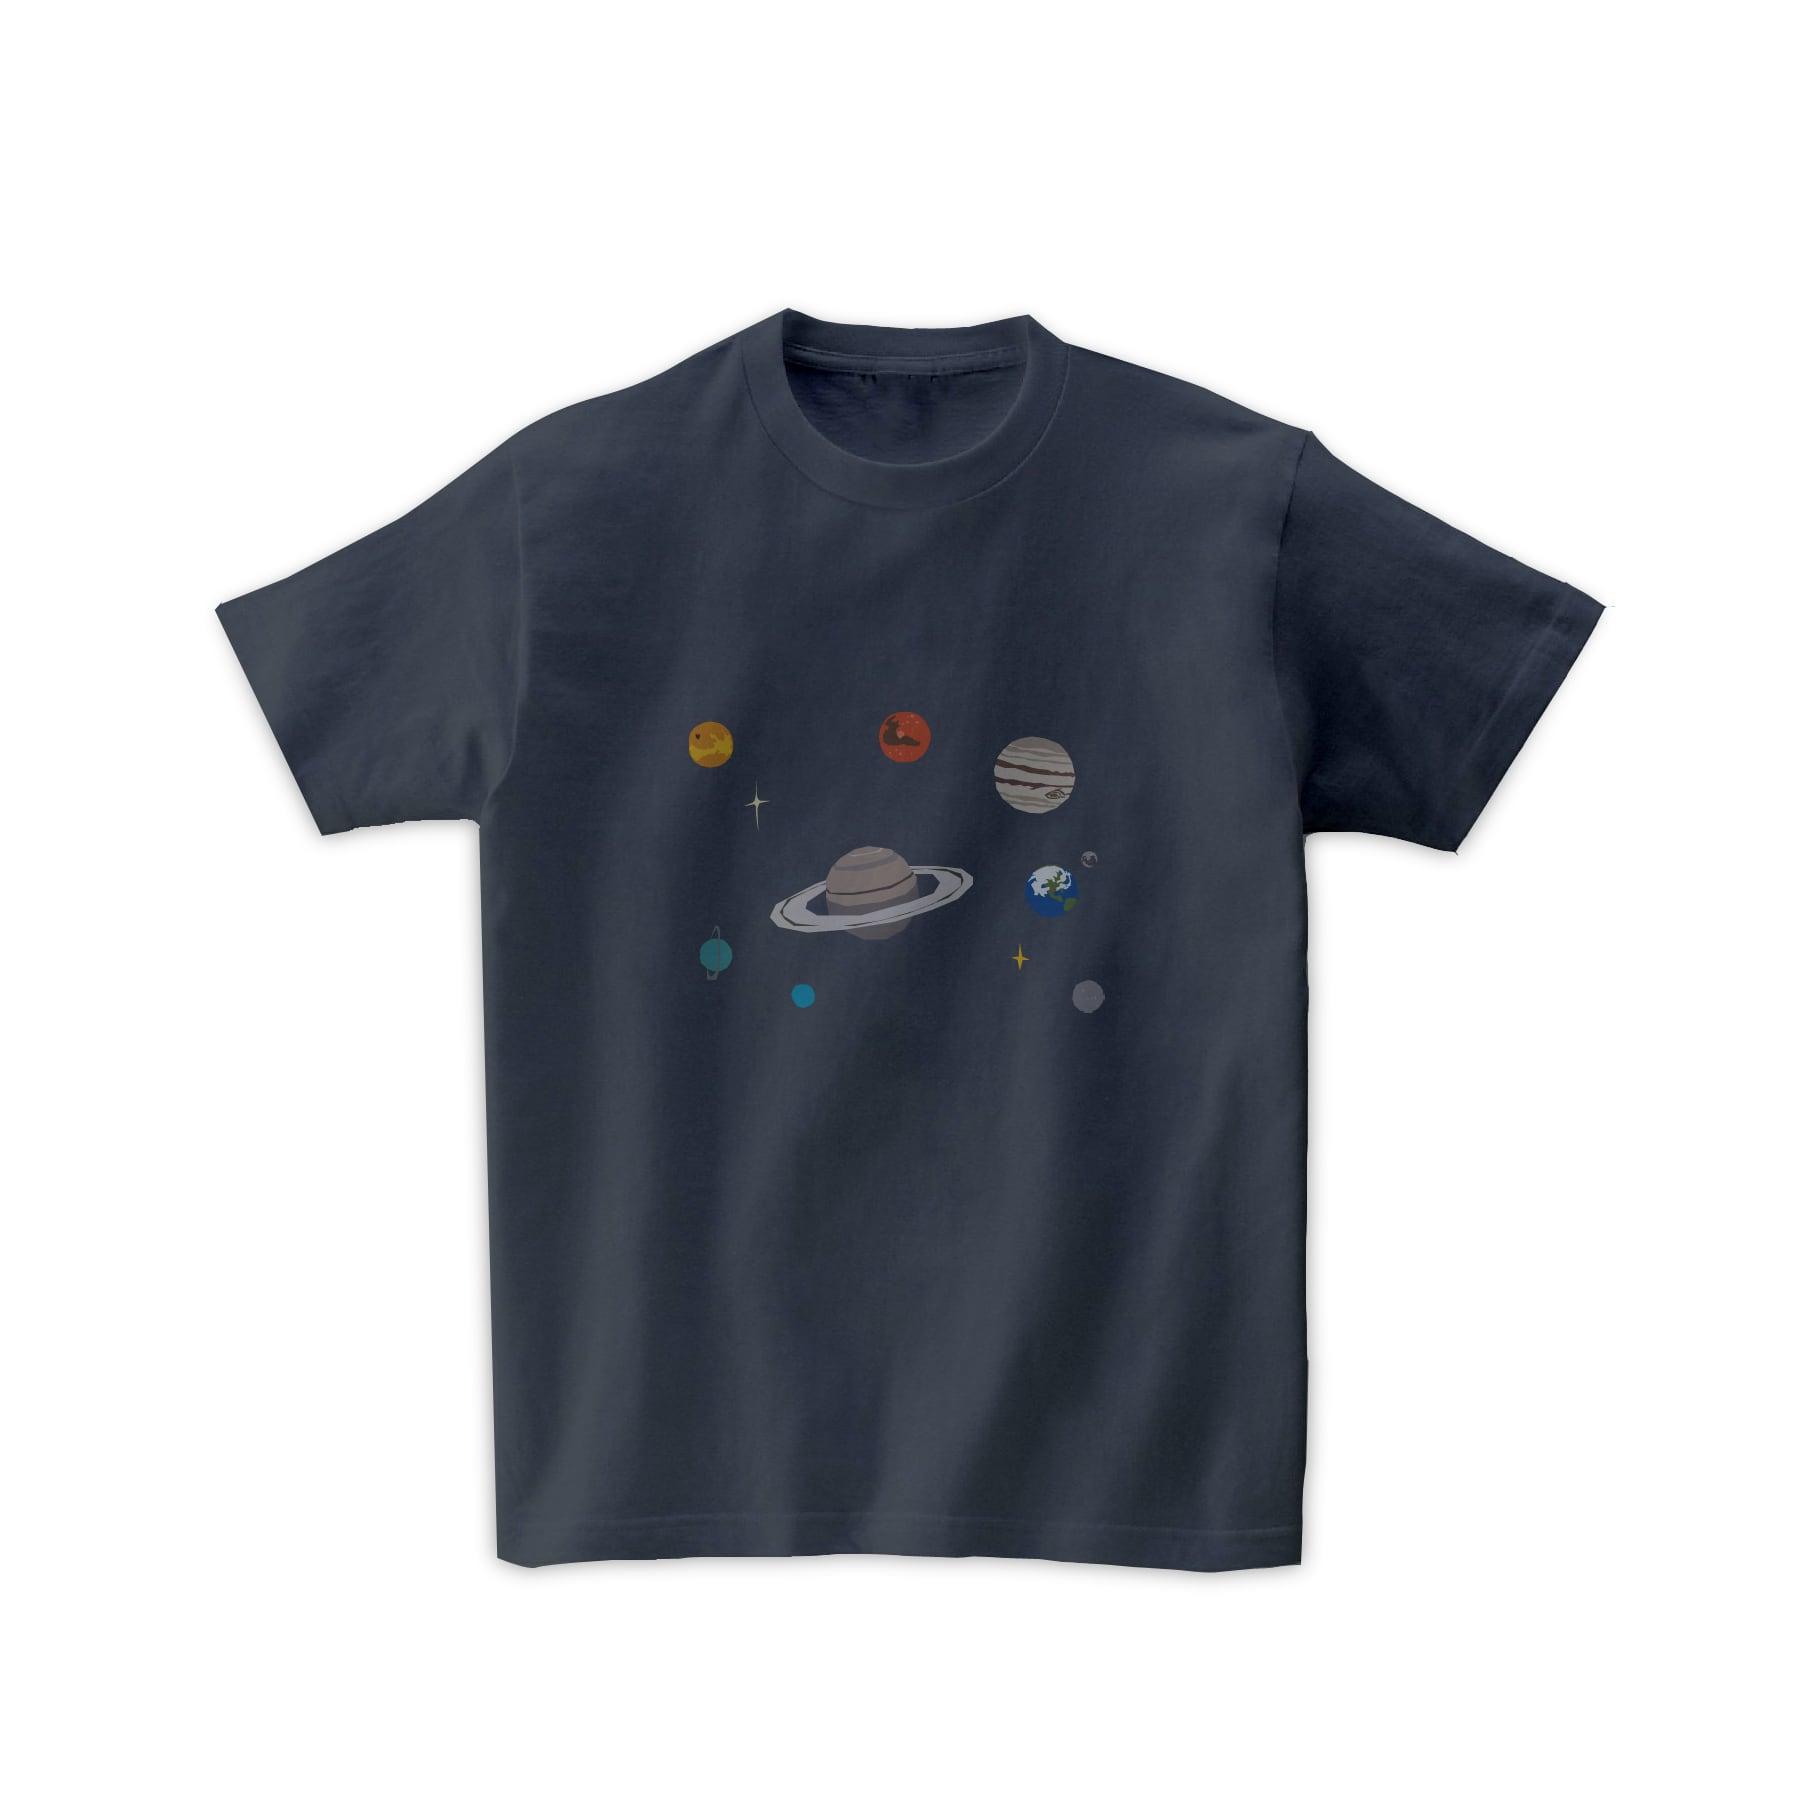 宇宙Tシャツ-太陽系(デニムグレー)